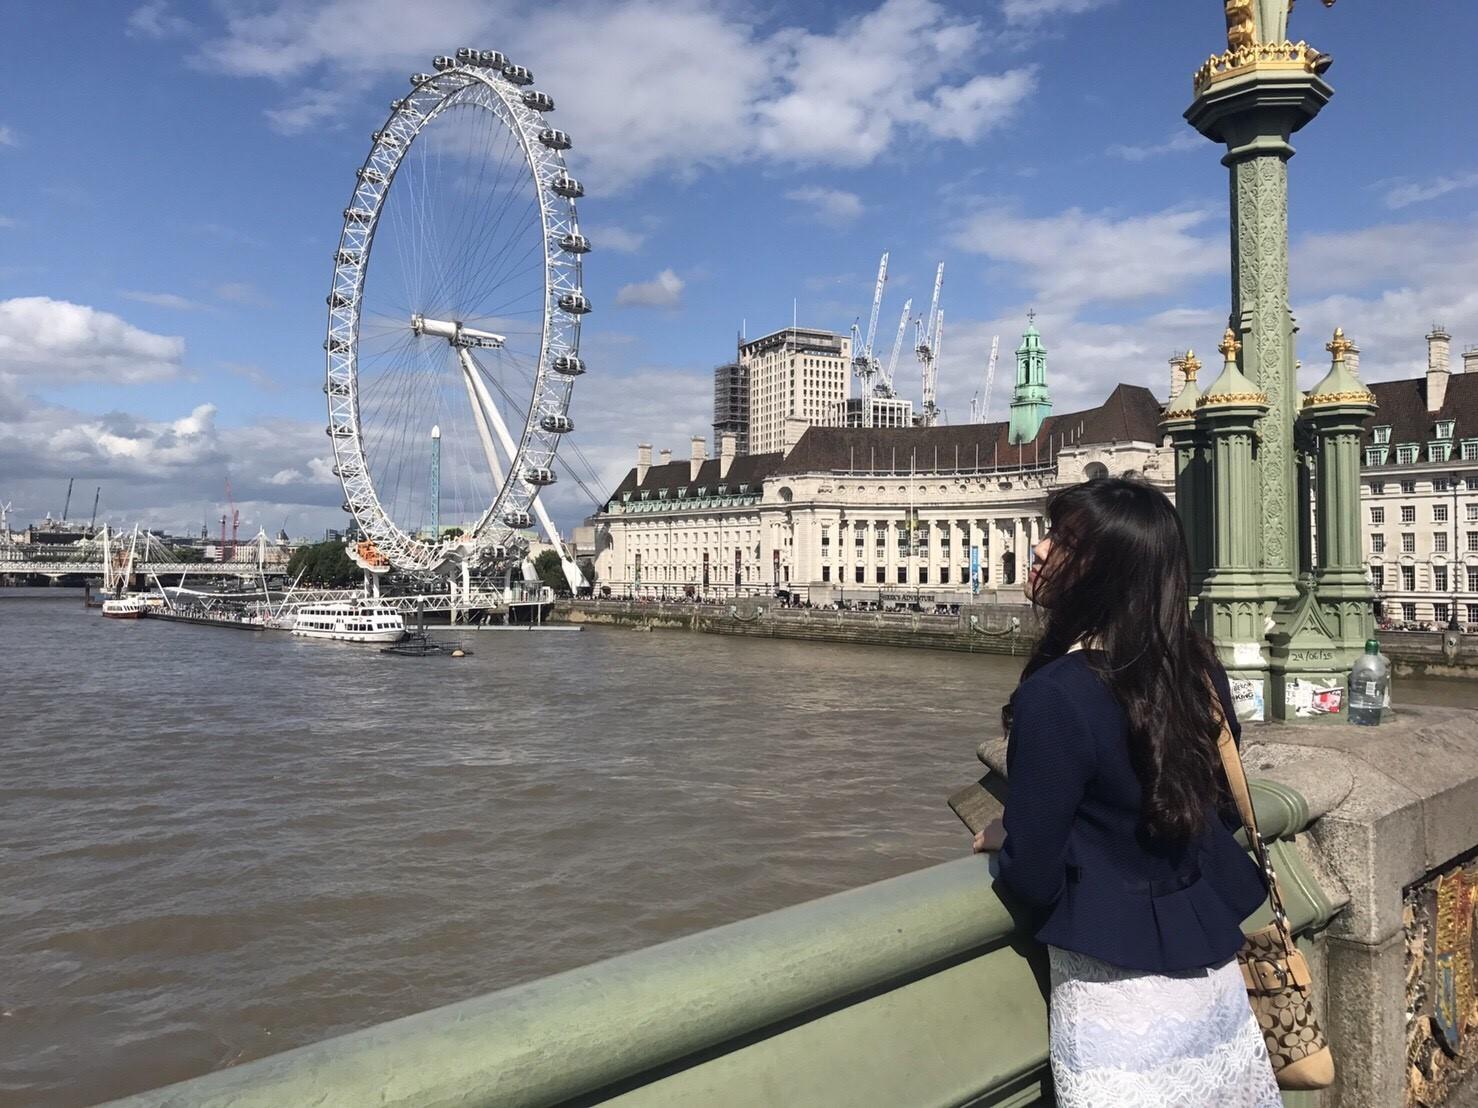 【ロンドン】でインスタグラム写真を撮ろう!_1_5